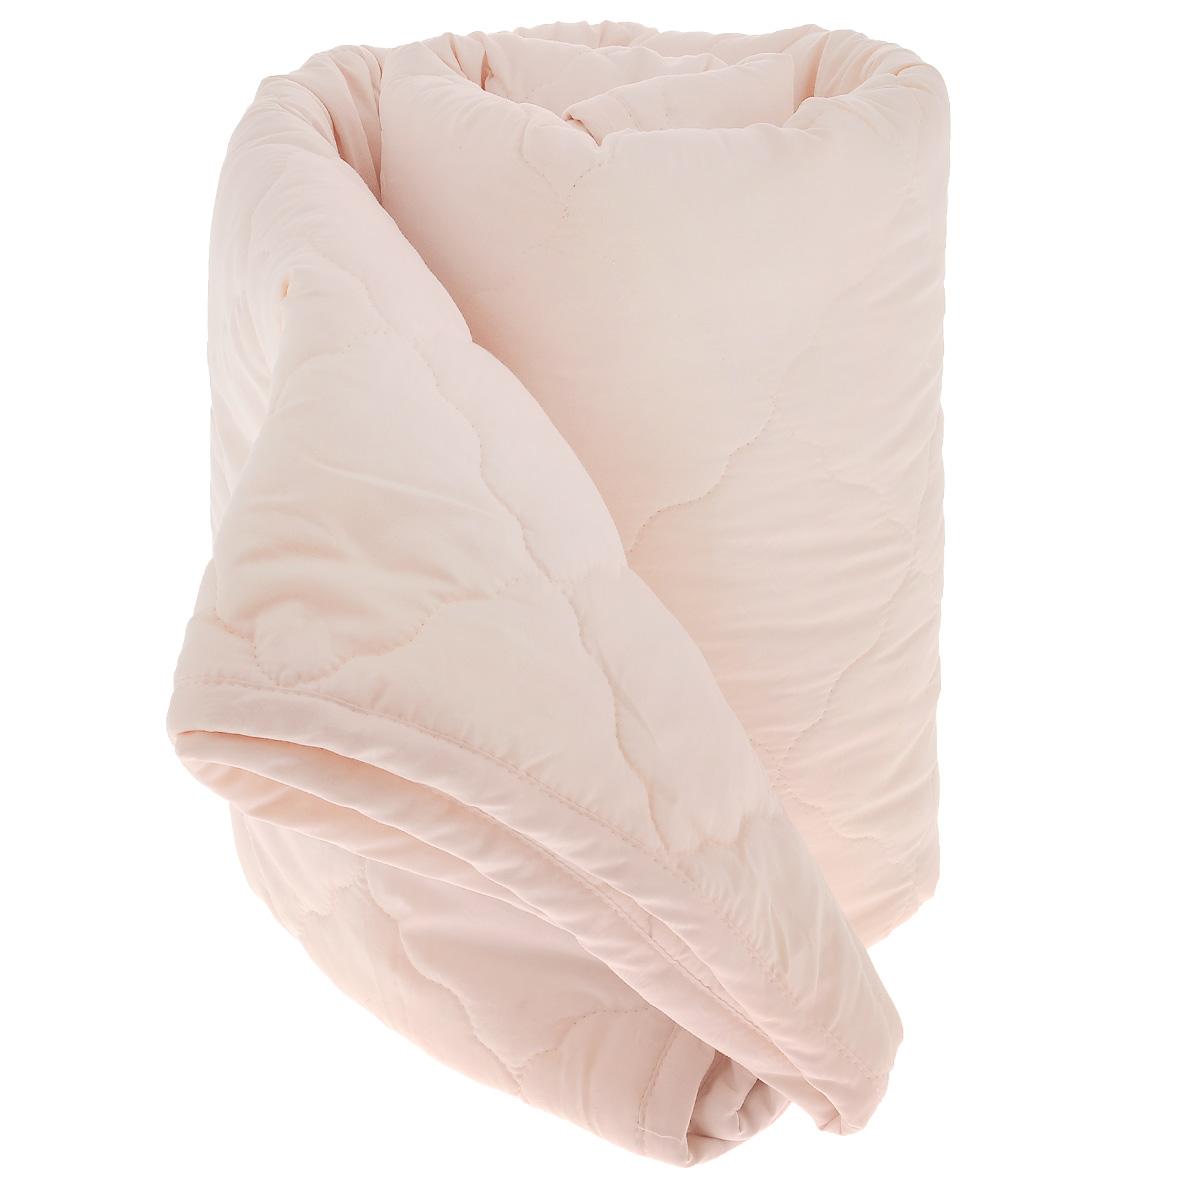 Одеяло La Prima В нежности микрофибры, наполнитель: полиэфирное волокно, цвет: персиковый, 140 см х 205 см855/0222945/100/943Одеяло La Prima В нежности микрофибры очень легкое, воздушное и одновременно теплое. Идеально подойдет тем, кто ценит мягкость и тепло. Такое изделие подарит комфортный сон. Благодаря особой структуре микроволокна, изделие приобретают дополнительную мягкость и надолго сохраняют свой первоначальный вид. Чехол одеяла выполнен из шелковистой микрофибры, оформленной изящным фактурным теснением в виде бабочек. Наполнитель - полиэфирное волокно - холлотек. Изделие обладает высокой воздухопроницаемостью, прекрасно сохраняет тепло. Оно гипоаллергенно, очень практично и неприхотливо в уходе. Ручная стирка при температуре 30°С. Материал чехла: 100% полиэстер - микрофибра. Наполнитель: полиэфирное волокно - холлотек. Размер: 140 см х 205 см.